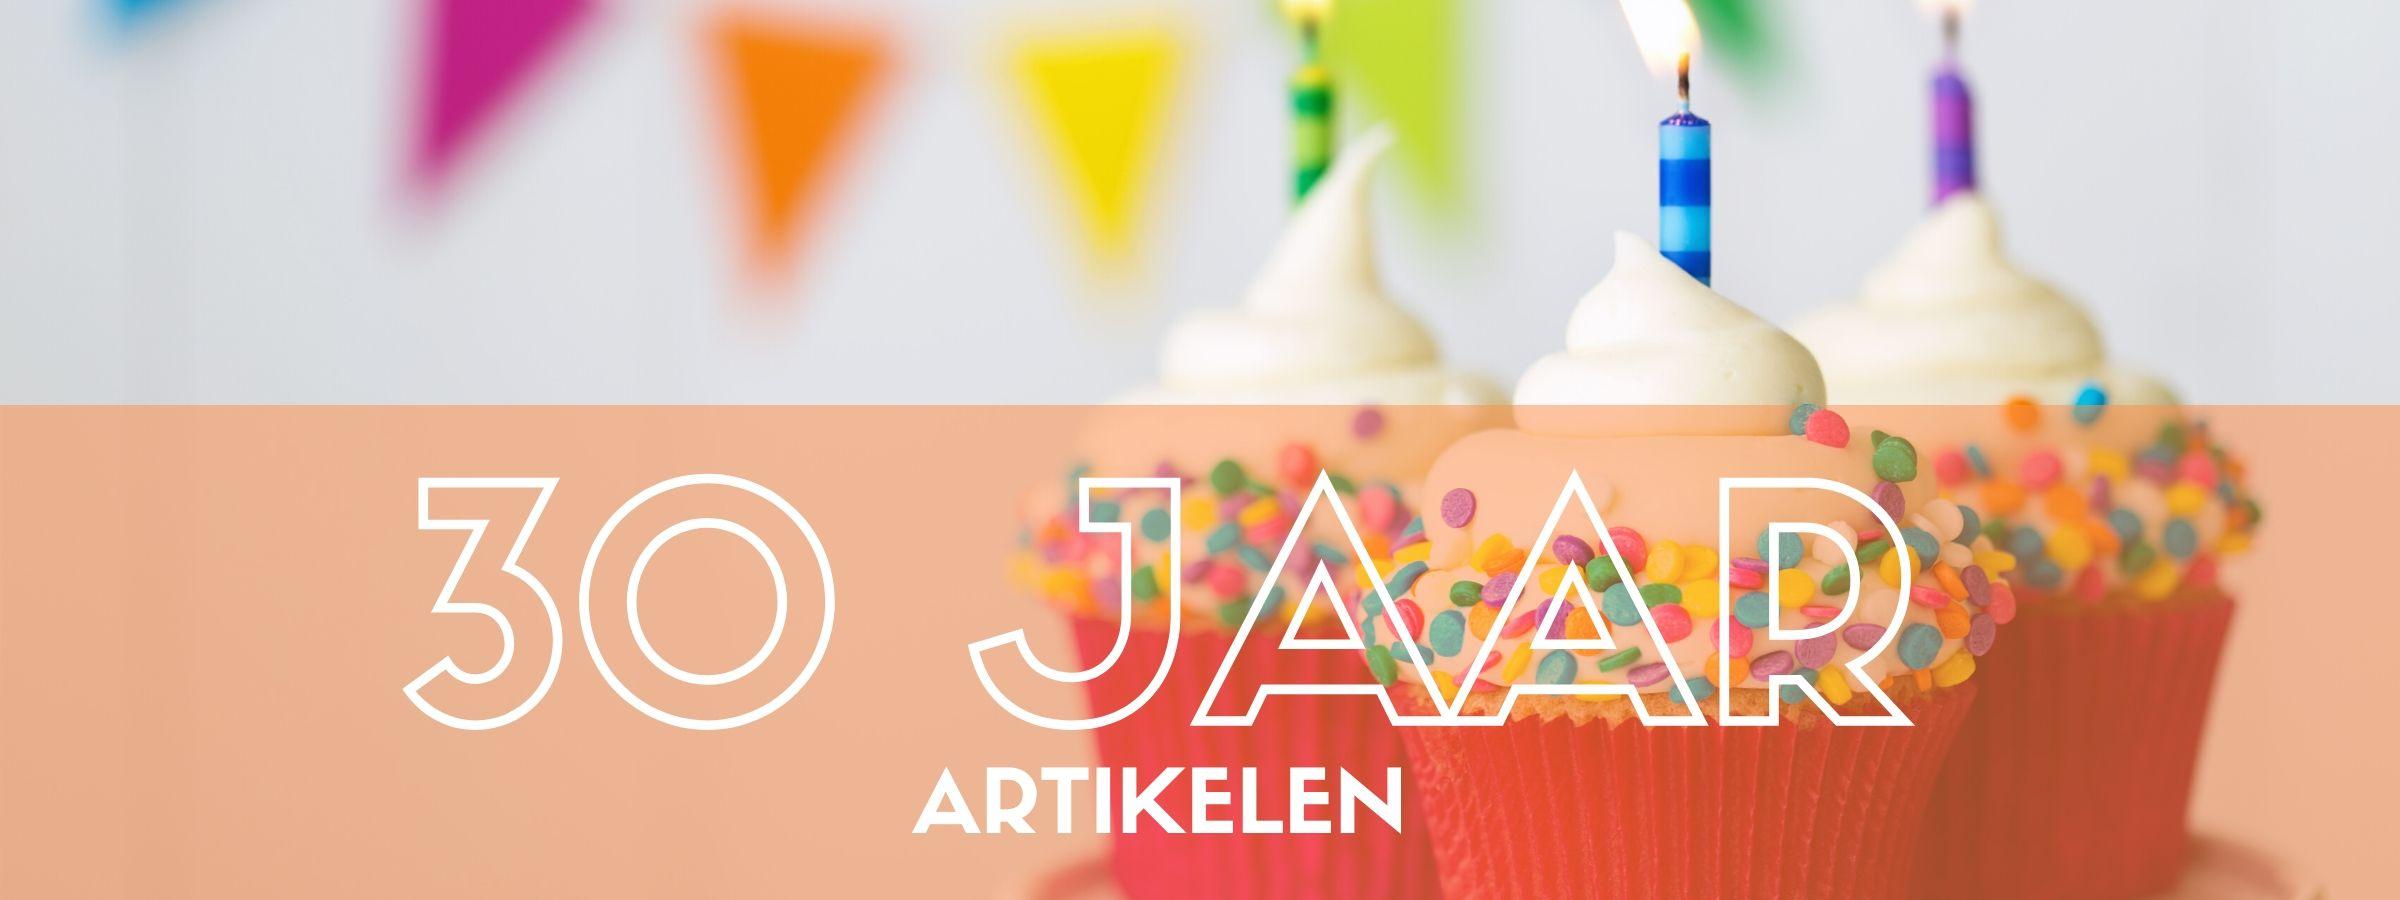 Versiering bestellen voor een 30e verjaardag bij JB Feestartikelen